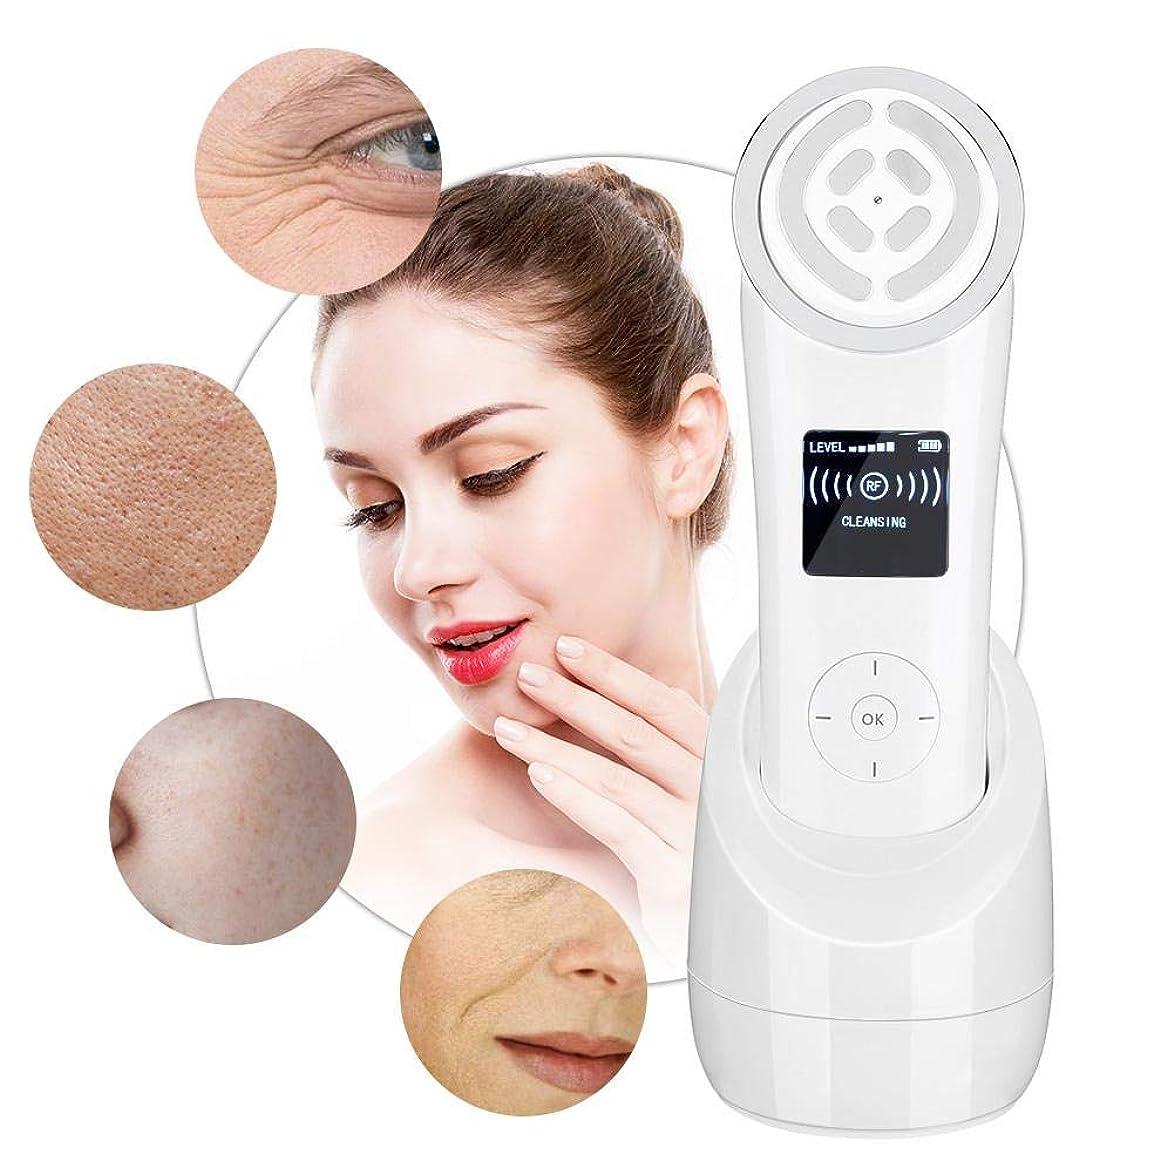 追放肉破壊的な顔の美しさのマシン - RF周波数アンチエイジングアンチリンクル、肌の若返り楽器 - ポータブル若返り肌がEMS筋肉刺激を強化(UE)